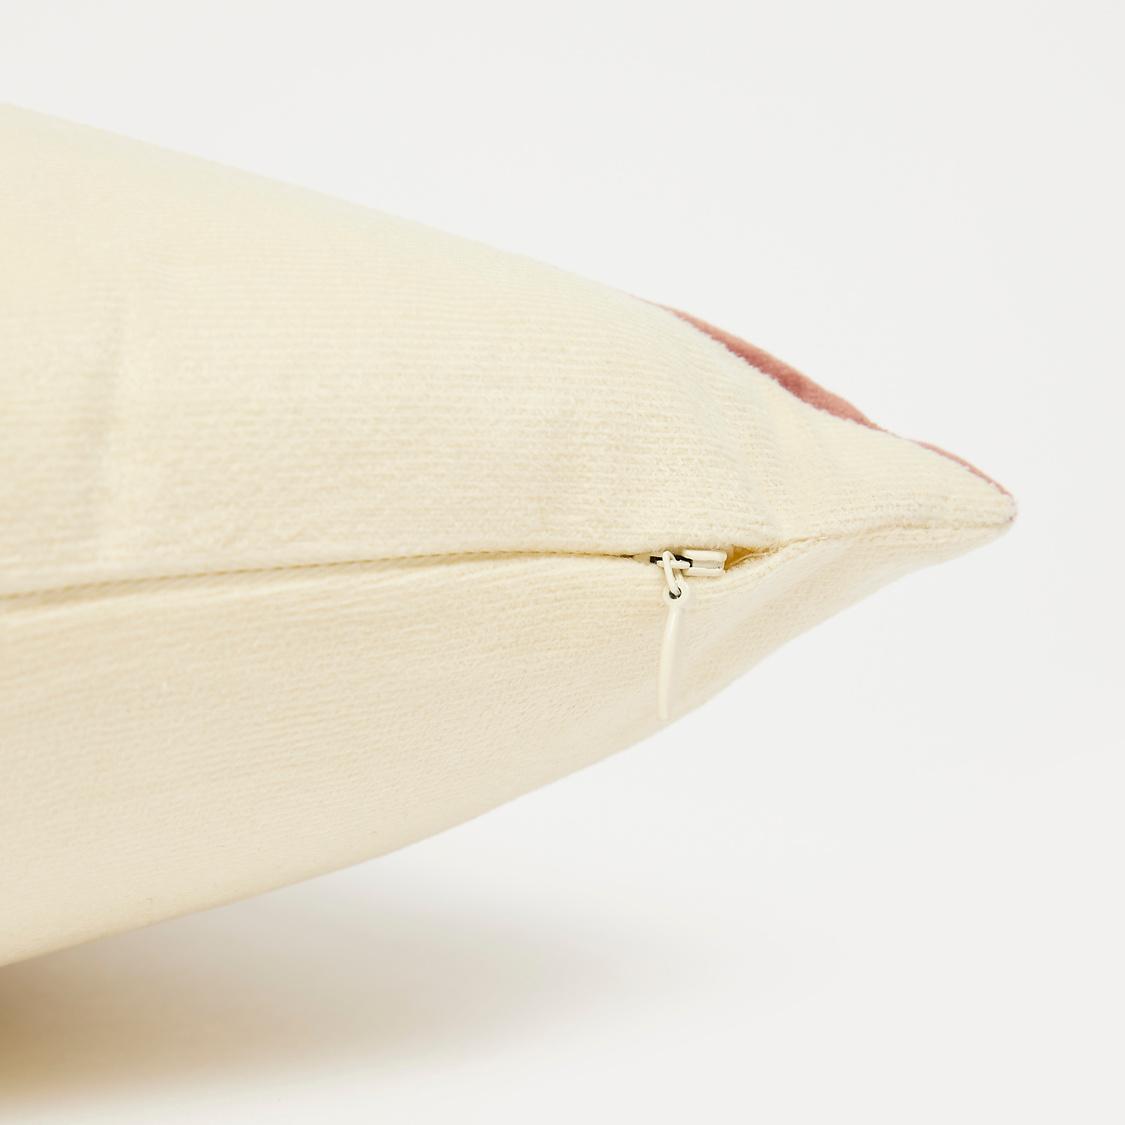 وسادة محشوة بتصميم قوالب ملوّنة - 45x45 سم